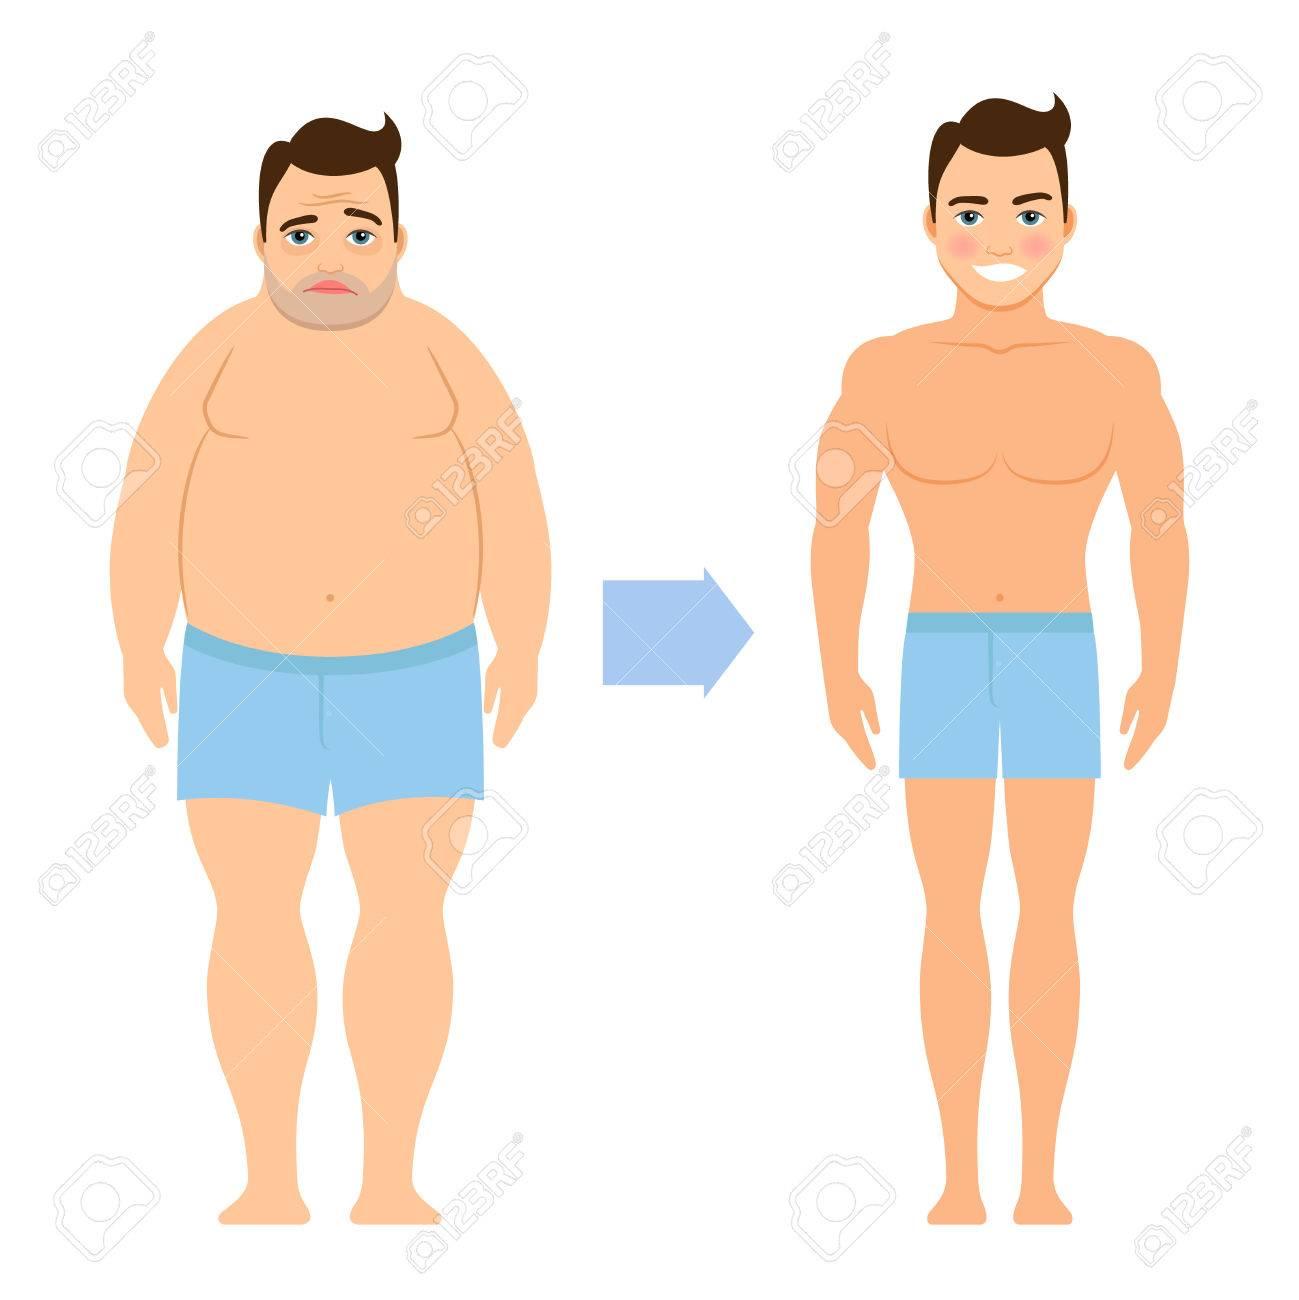 Dibujos perdida de peso